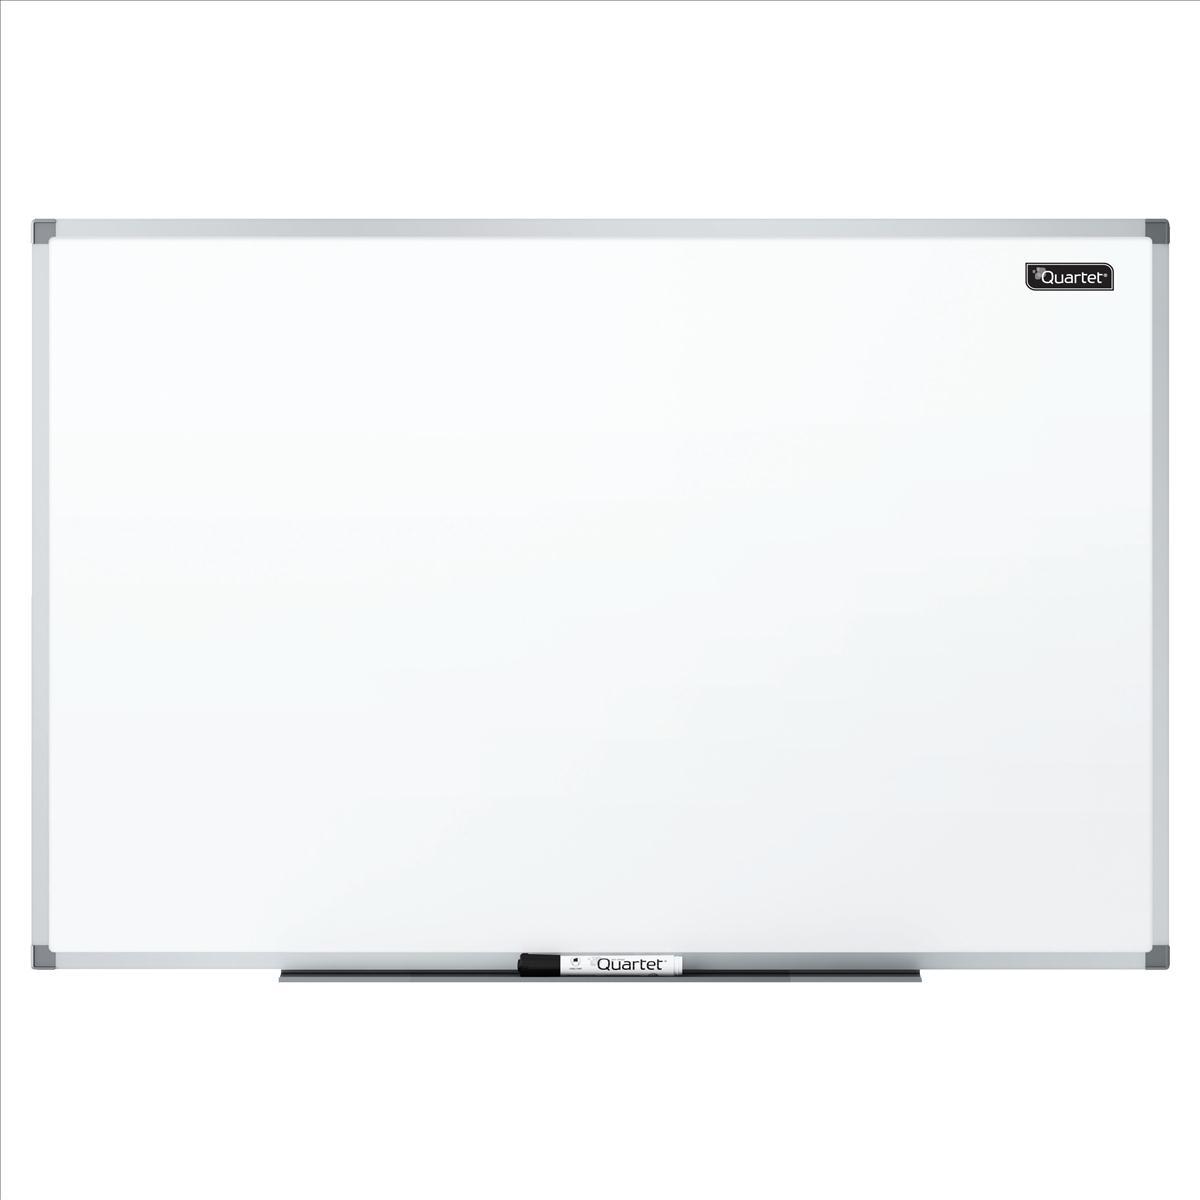 Quartet Aluminium Trim Magnetic Whiteboard 2400x1200mm